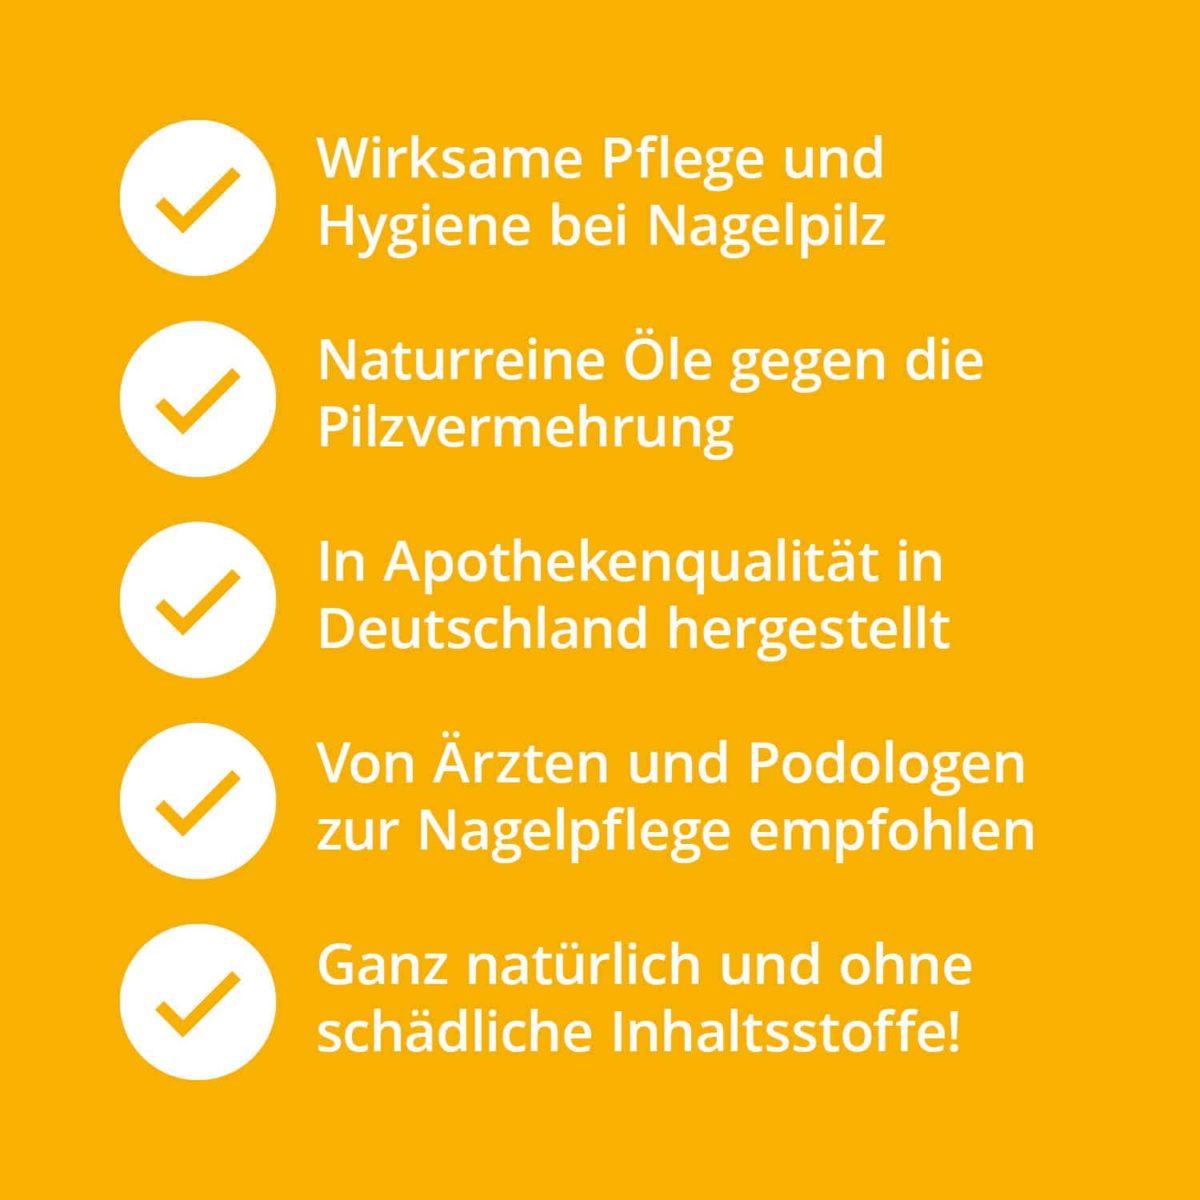 Casida Set Apotheke Nagelöl Fußspray Rabatt Bundle PZN 10022445 10751322 Nagelpilz pflanzlich Natürlich Gesundheitsprodukte7